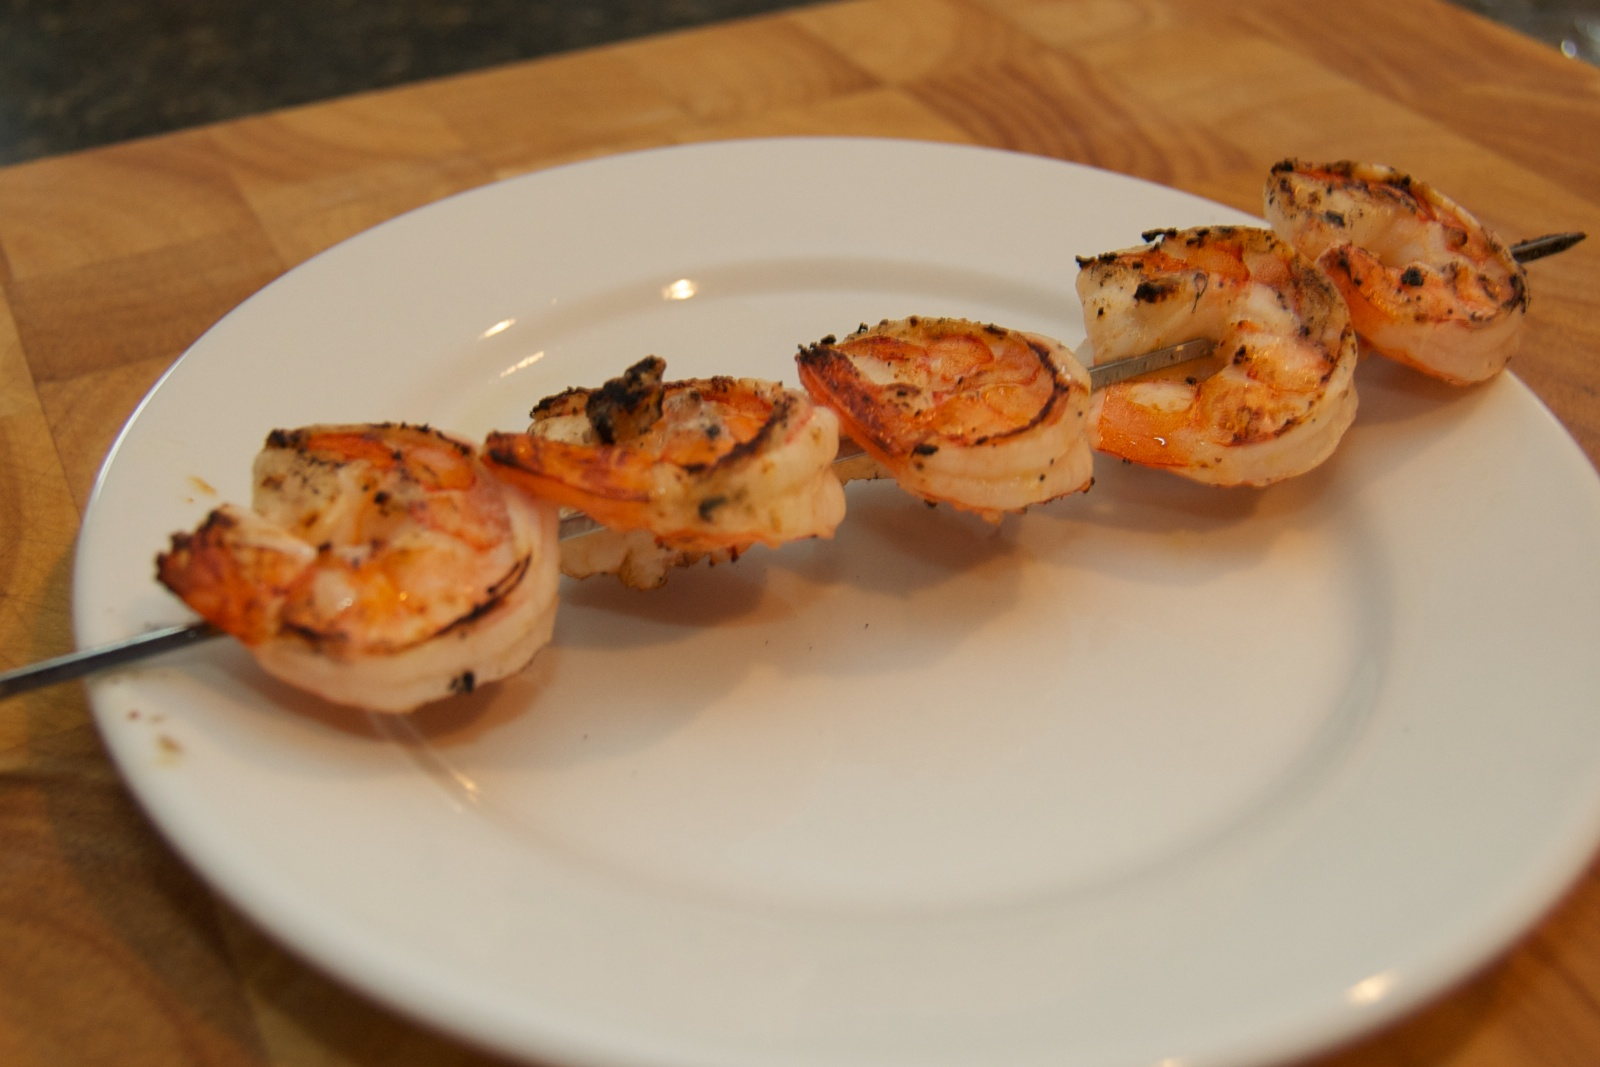 http://blog.rickk.com/food/2010/09/25/shrimptaco3.jpg